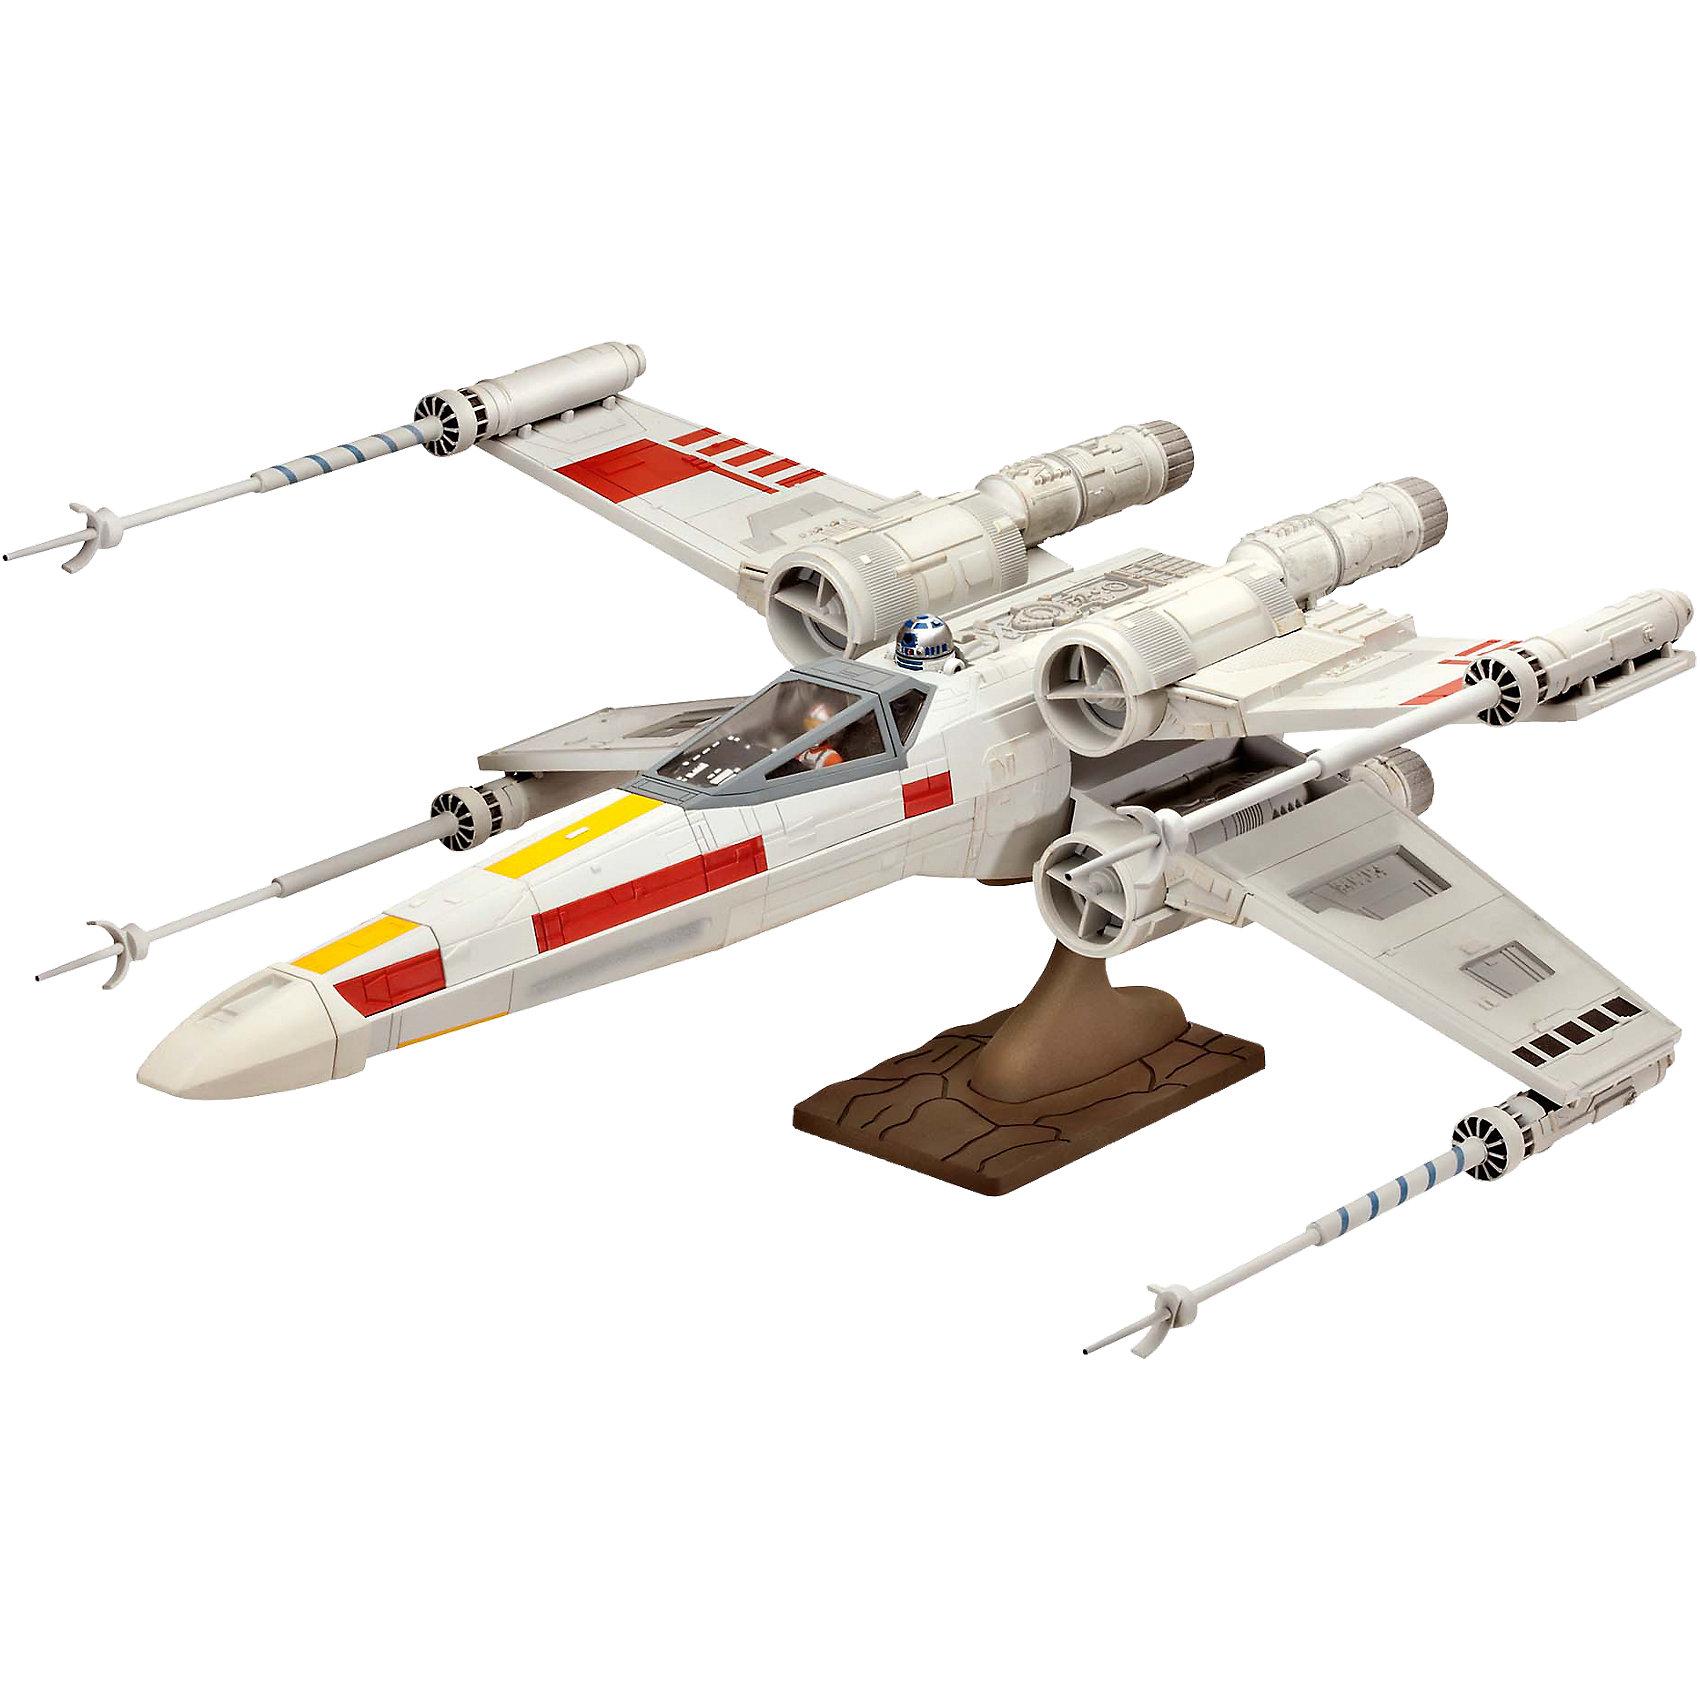 Сборка Звёздный истребитель «Крестокрыл» (41,4 см)Звездные войны Игры и Пазлы<br>Сборная модель истребителя ARC-170 из серии, посвященной «Звездным Войнам». Этот корабль вооружен торпедами и лазерными пушками, и в целом он менее маневренный, чем истребители Джедаев. Команда корабля состоит из трёх клонов, которые могут управлять им наиболее эффективно именно в таком составе. <br>Для сборки этой модели клей и краски вам не потребуются, соединение деталей происходит посредством специальных зажимов! <br>Количество деталей: 62 <br>Длина модели: 416 мм <br>Количество фигур: 1.<br><br>Ширина мм: 584<br>Глубина мм: 383<br>Высота мм: 76<br>Вес г: 1151<br>Возраст от месяцев: 96<br>Возраст до месяцев: 156<br>Пол: Мужской<br>Возраст: Детский<br>SKU: 4171726